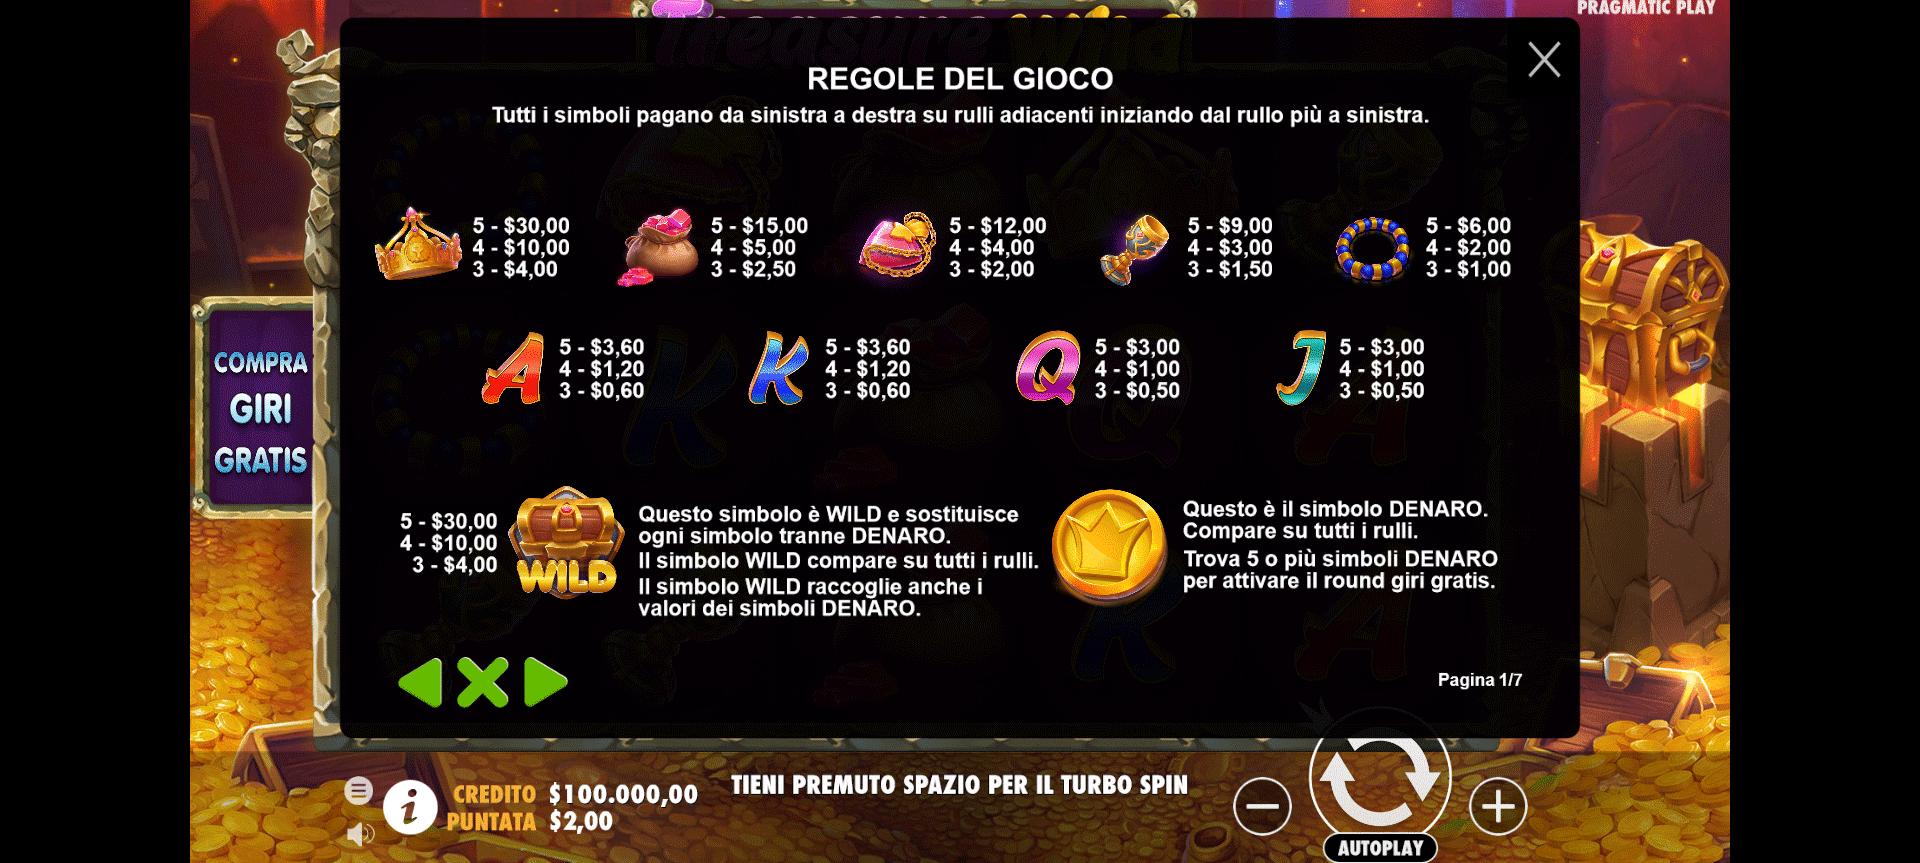 tabella dei pagamenti della slot online treasure wild